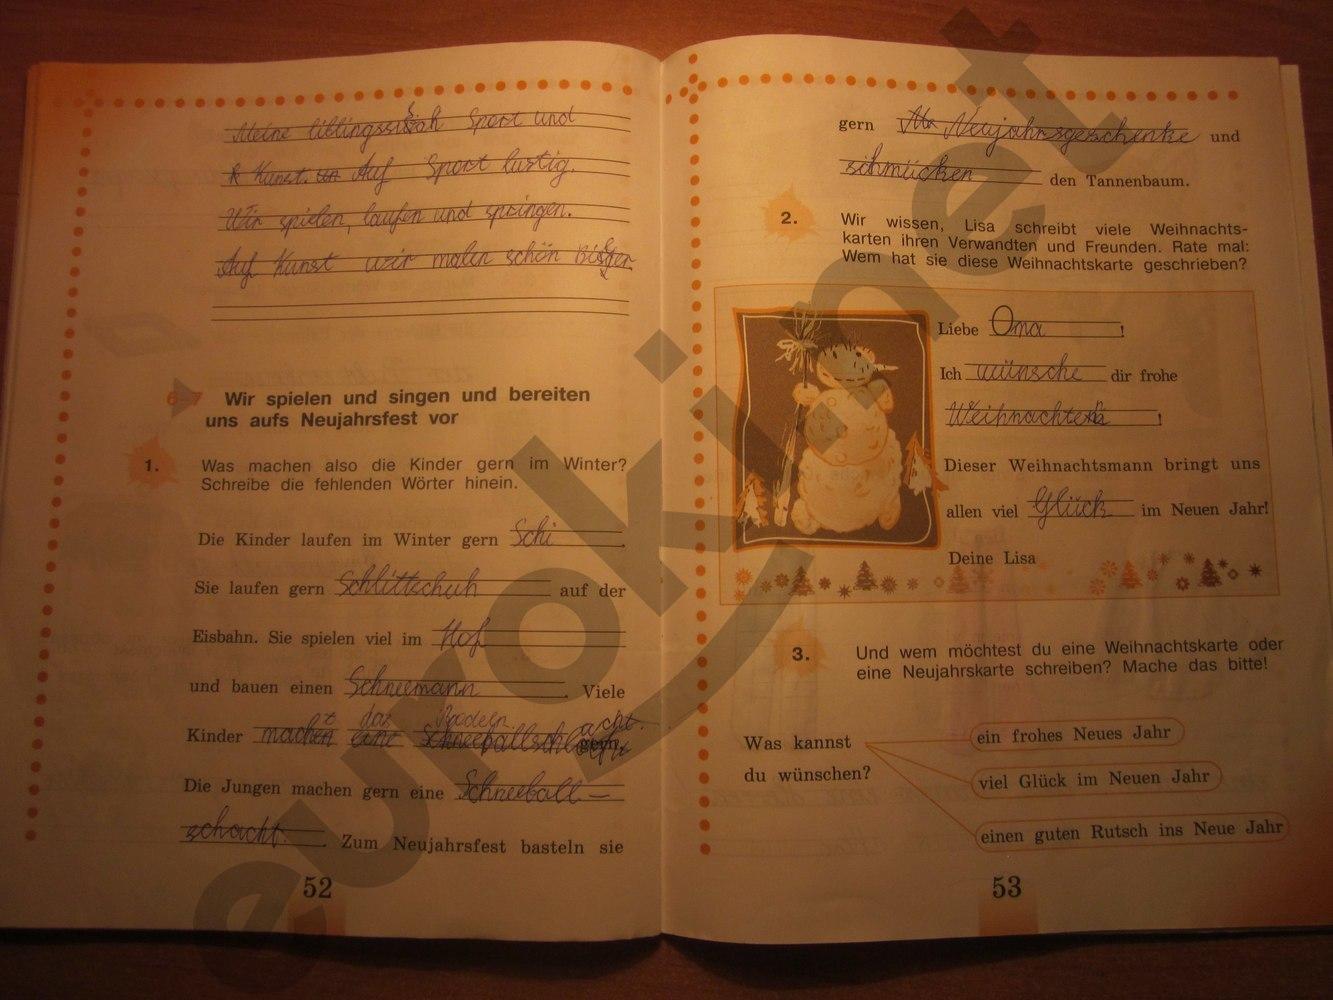 ГДЗ по немецкому языку 4 класс рабочая тетрадь Бим И.Л., Рыжова Л.И. Часть 1. Задание: стр. 52-53